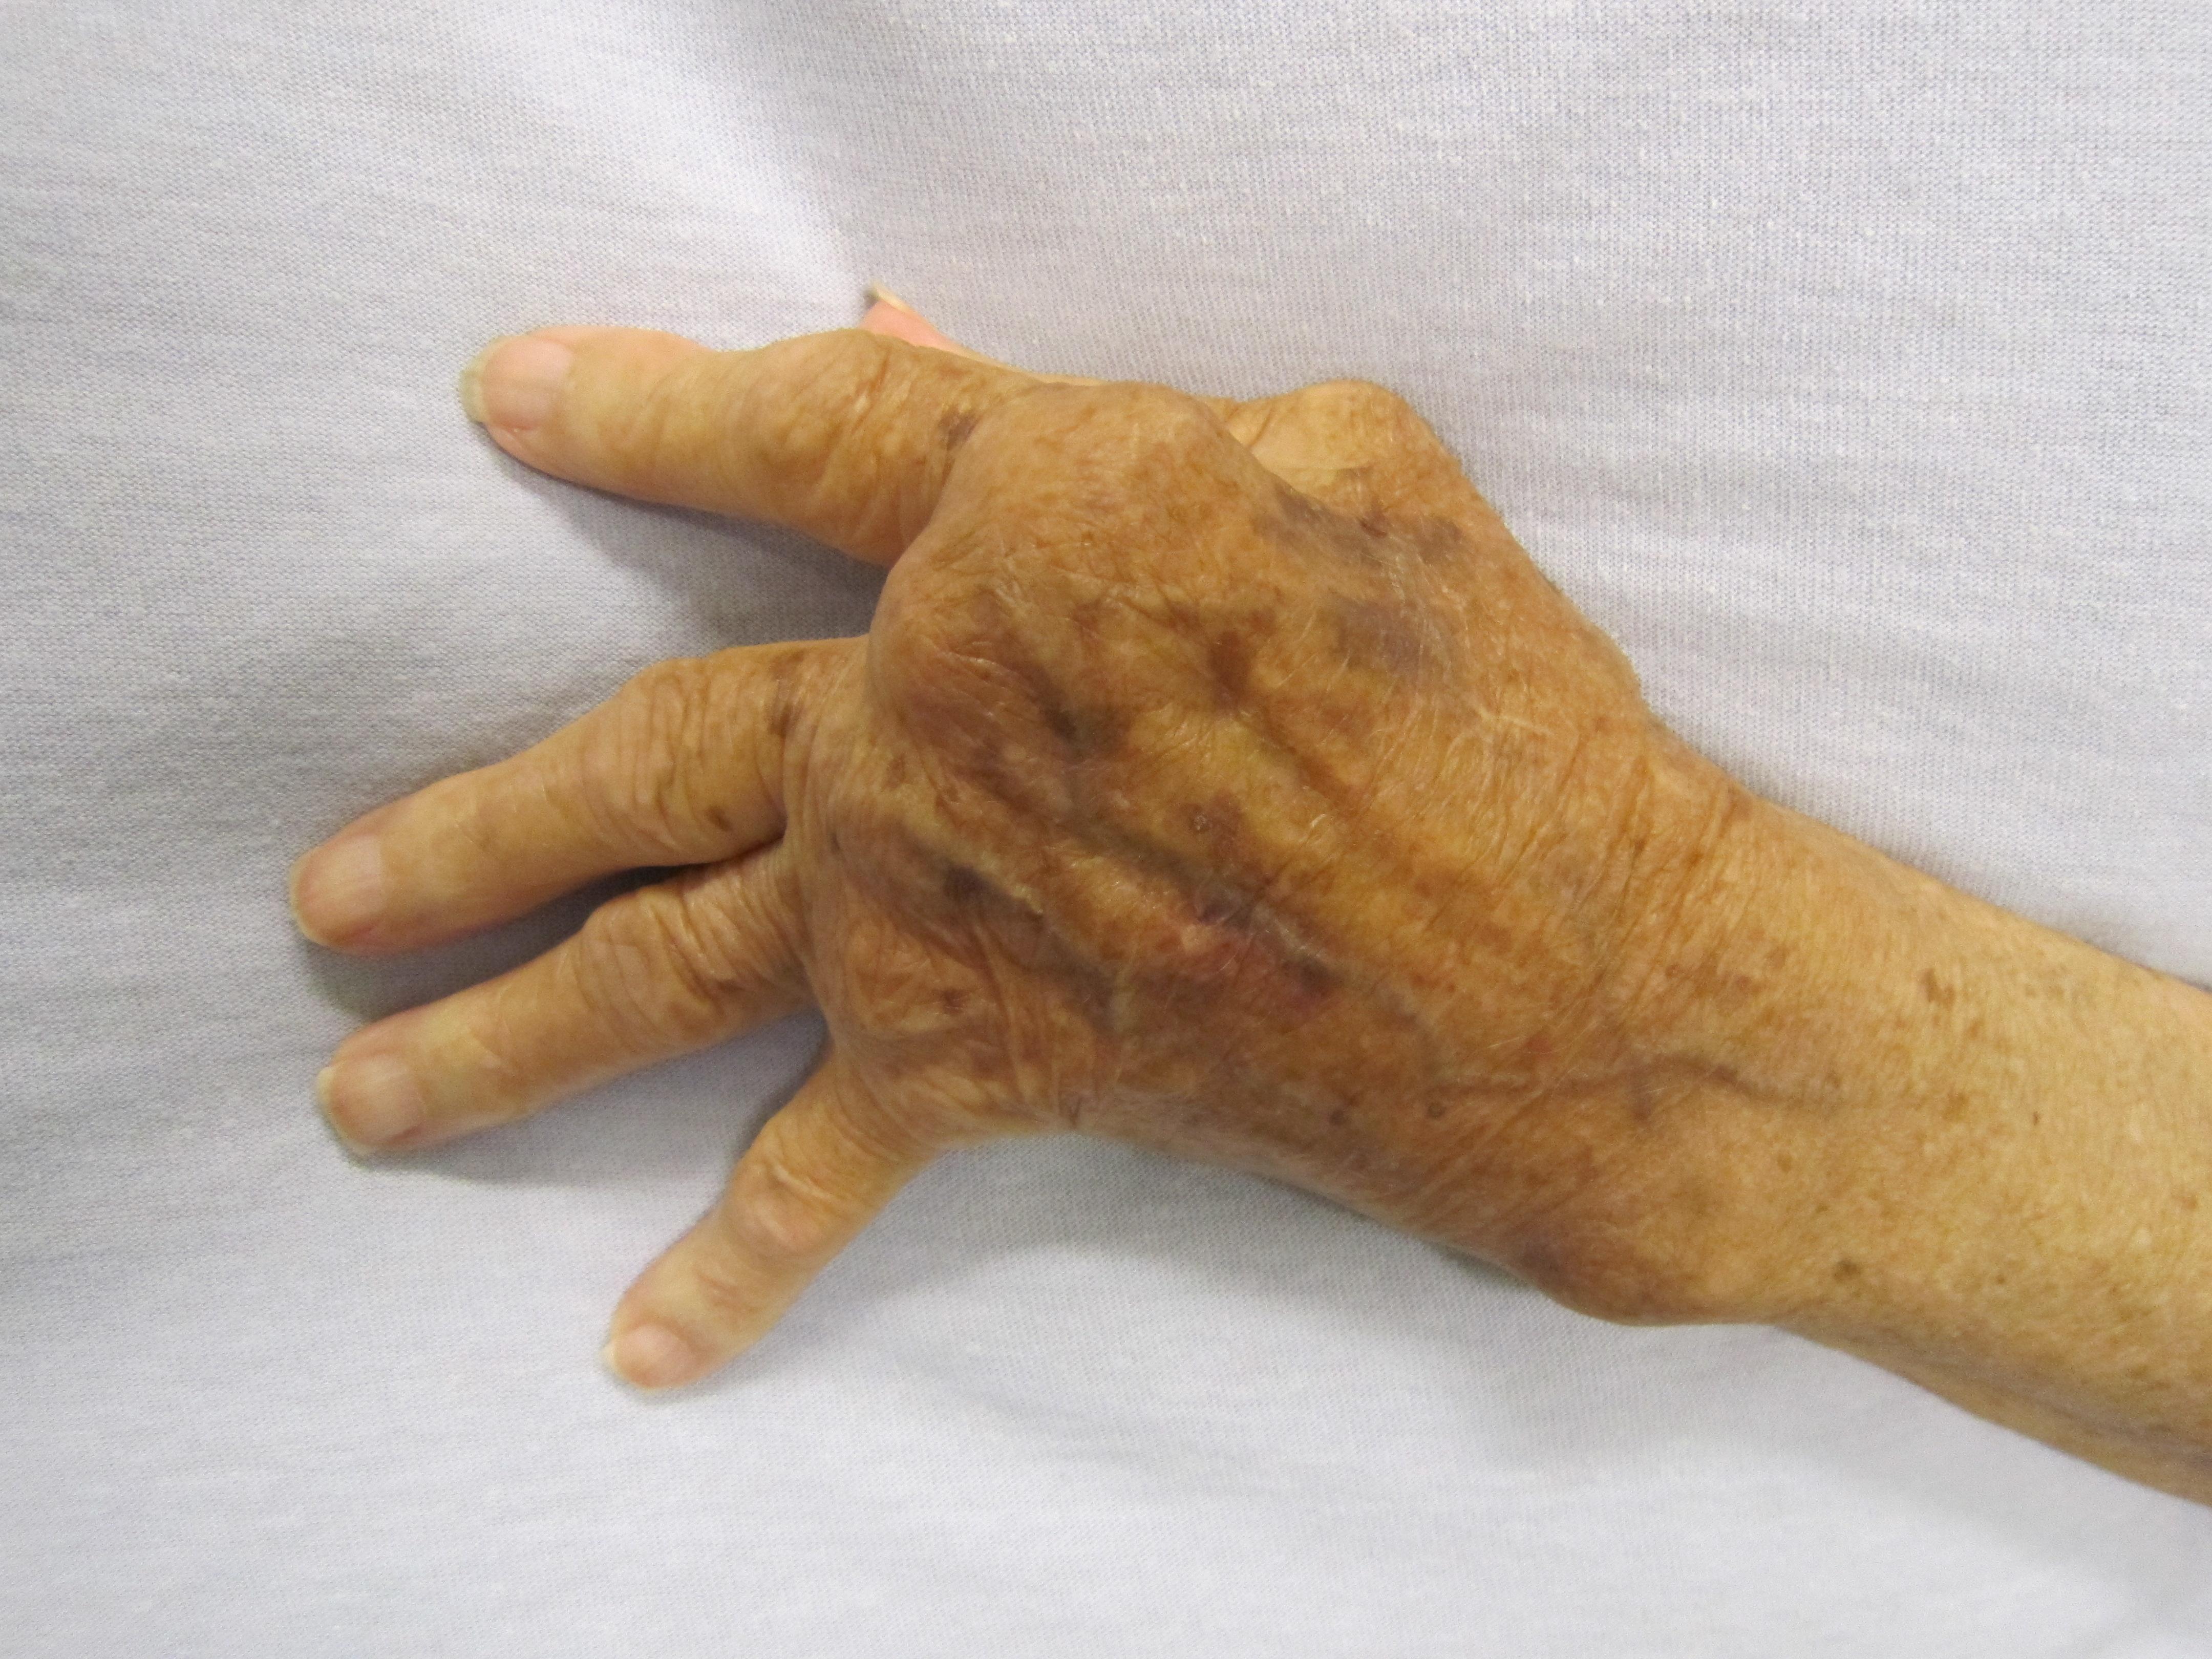 hogyan lehet kezelni az ujjak deformáló artrózisát)